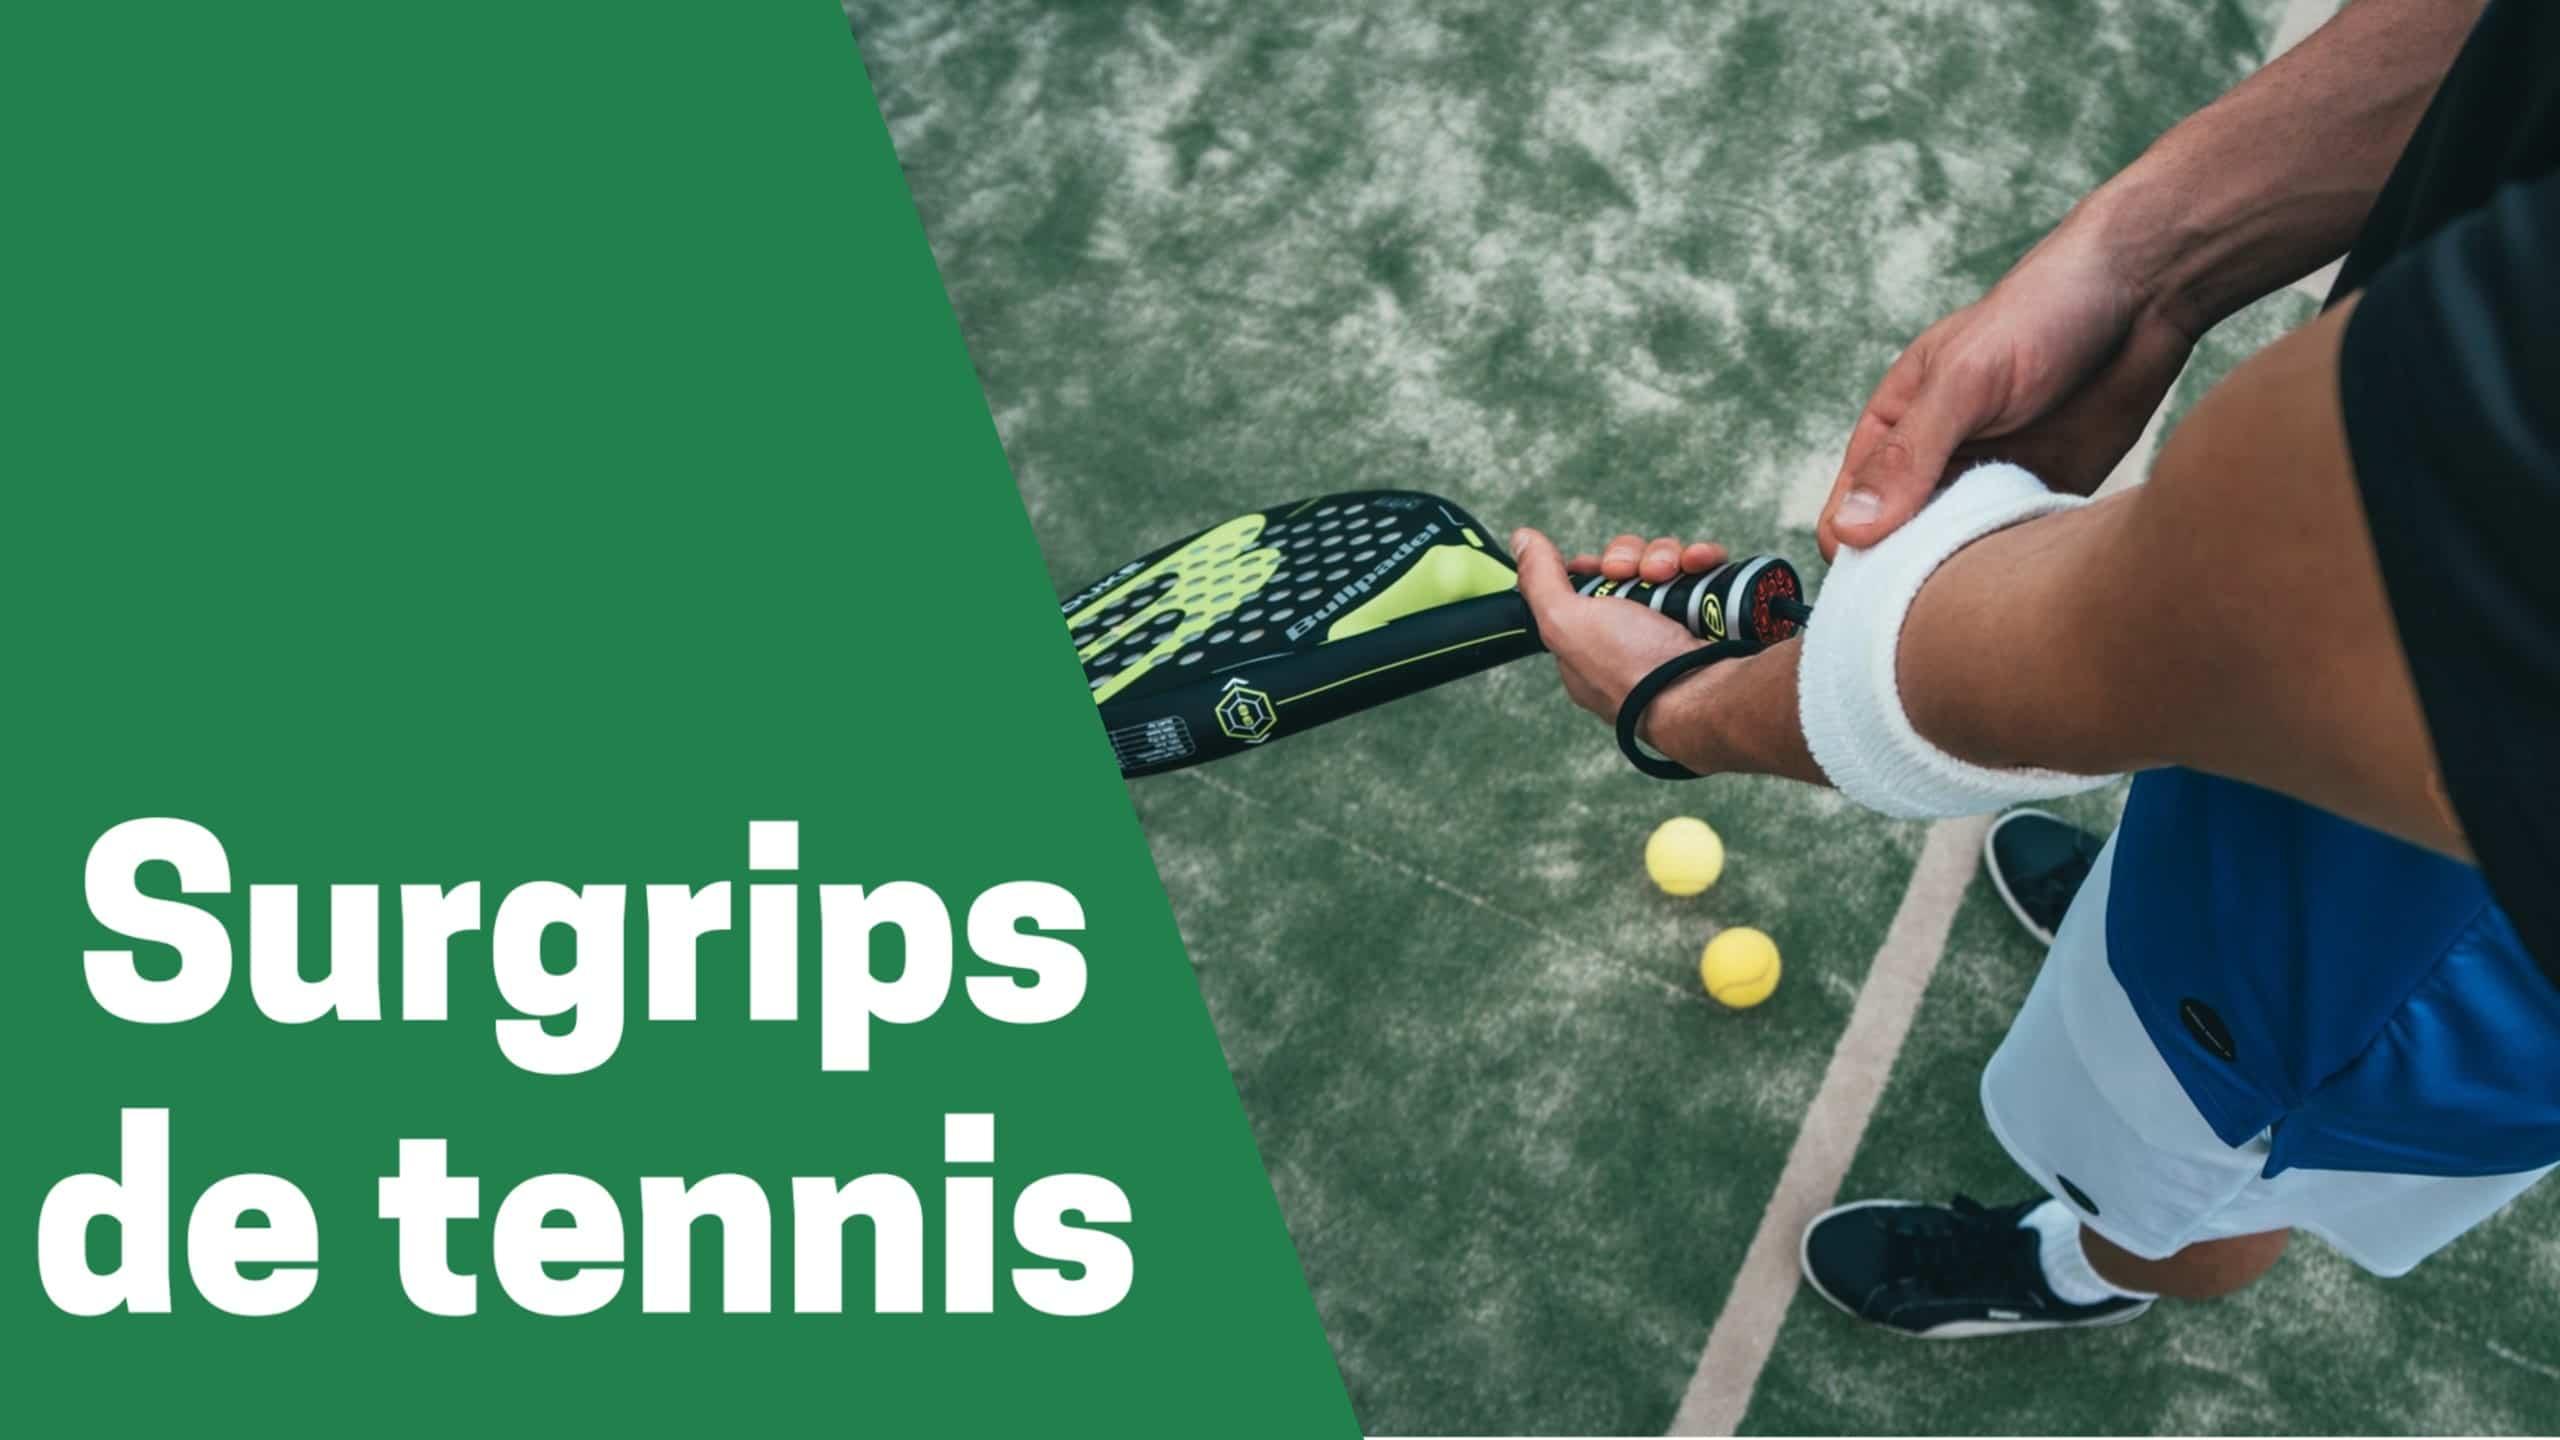 Meilleur surgrip de tennis comparatif guide achat avis test